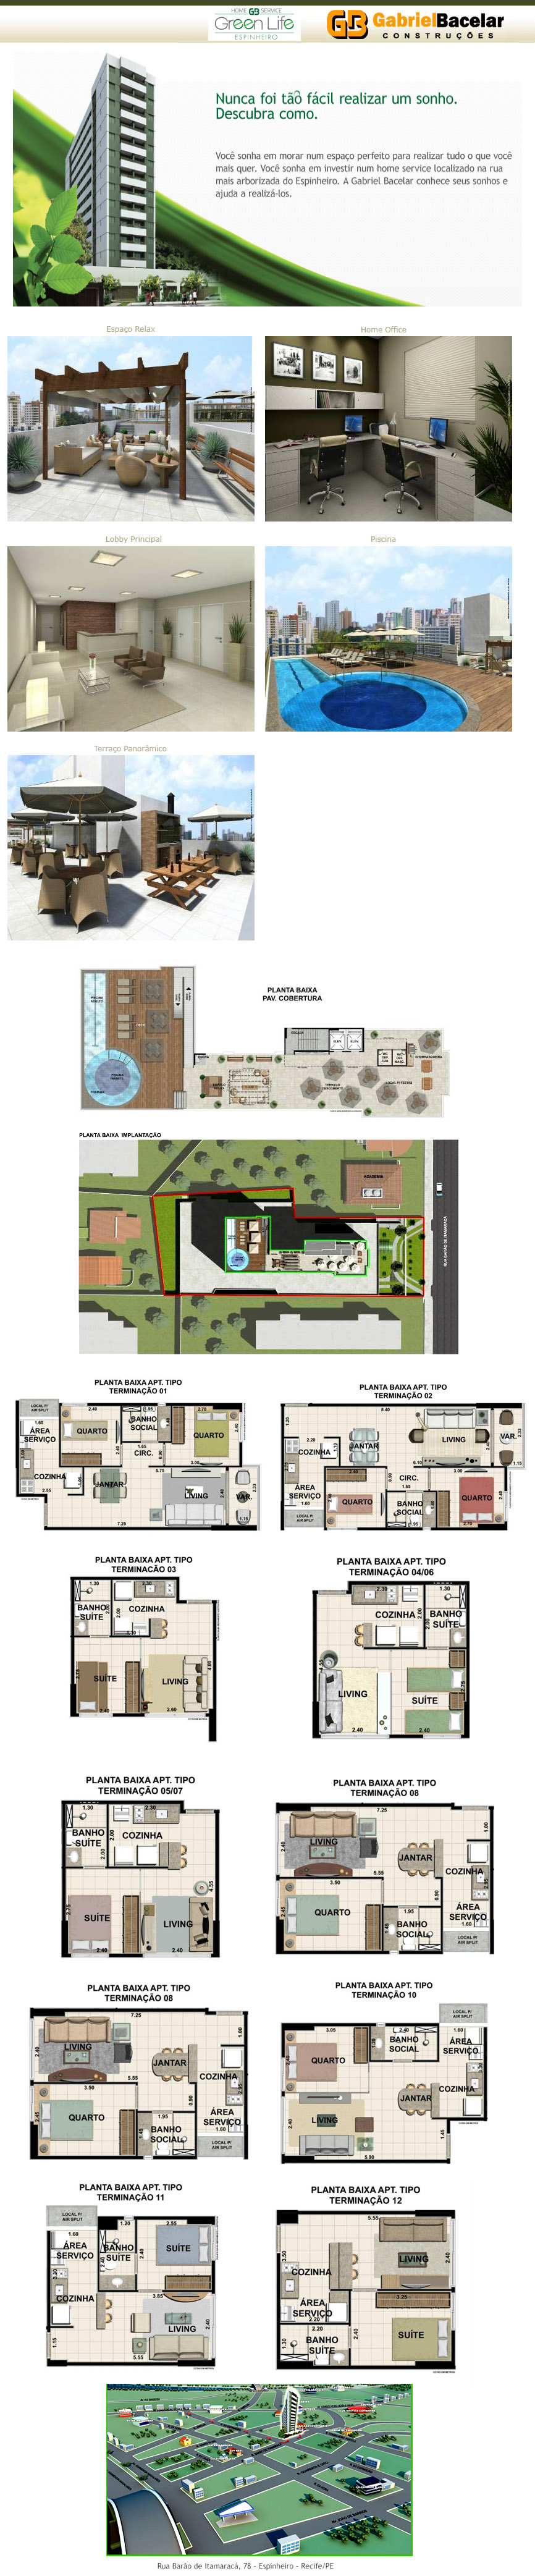 Apartamentos no bairro de Espinheiro 1 ou 2 quartos em Recife PE